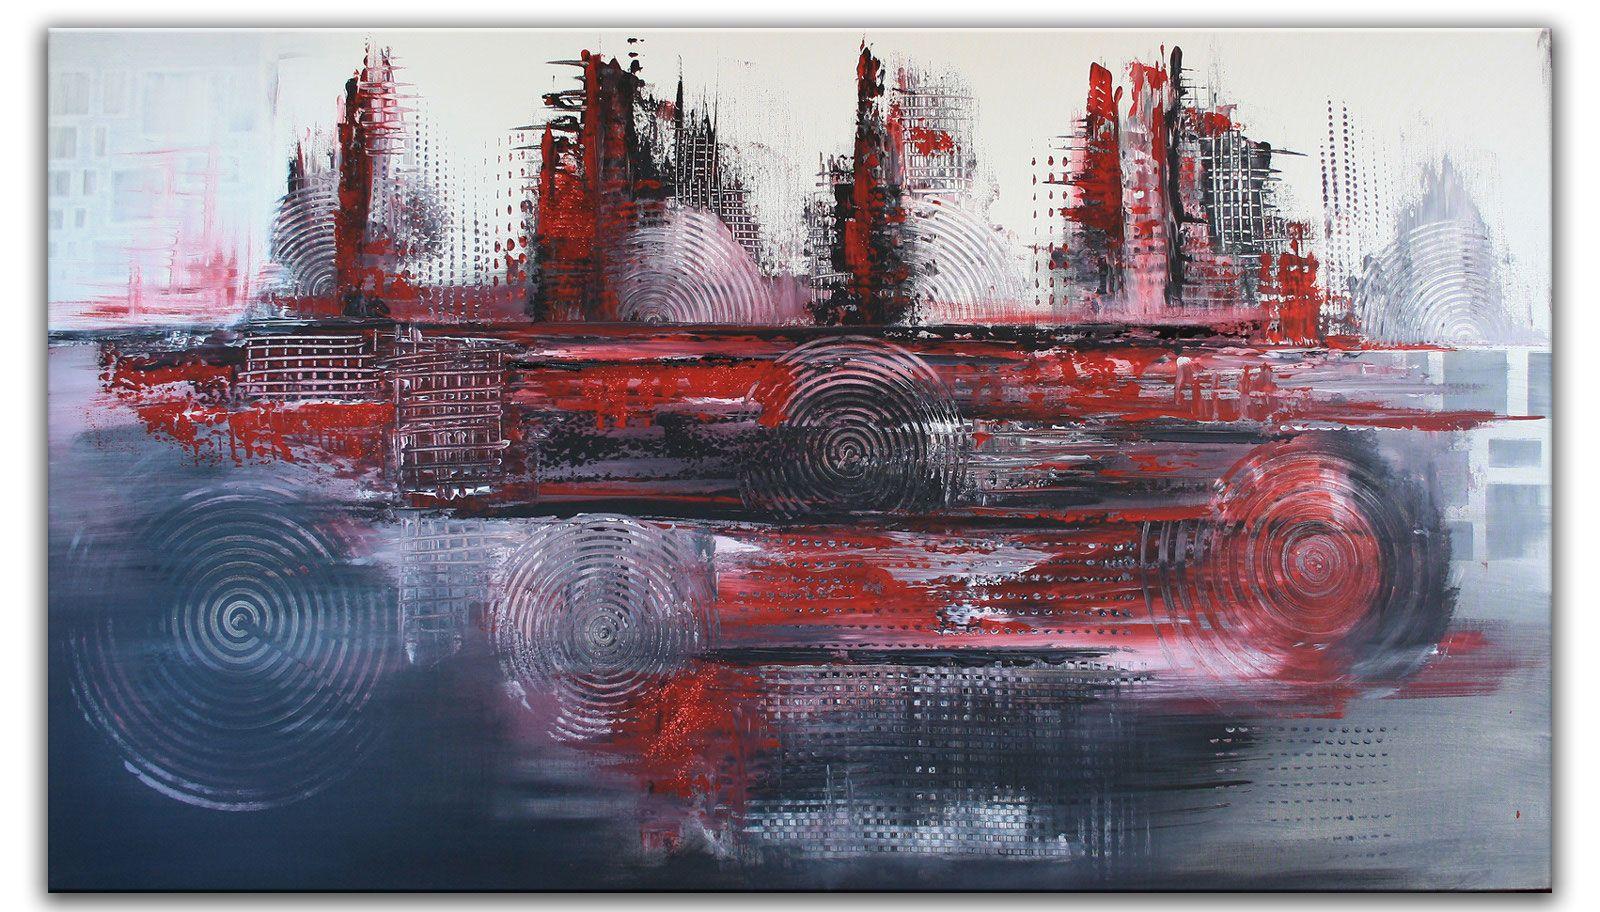 abstrakte malerei acrylbild strukturbild grau rot abstrakt acrylmalerei acryl kunst malen nach zahlen